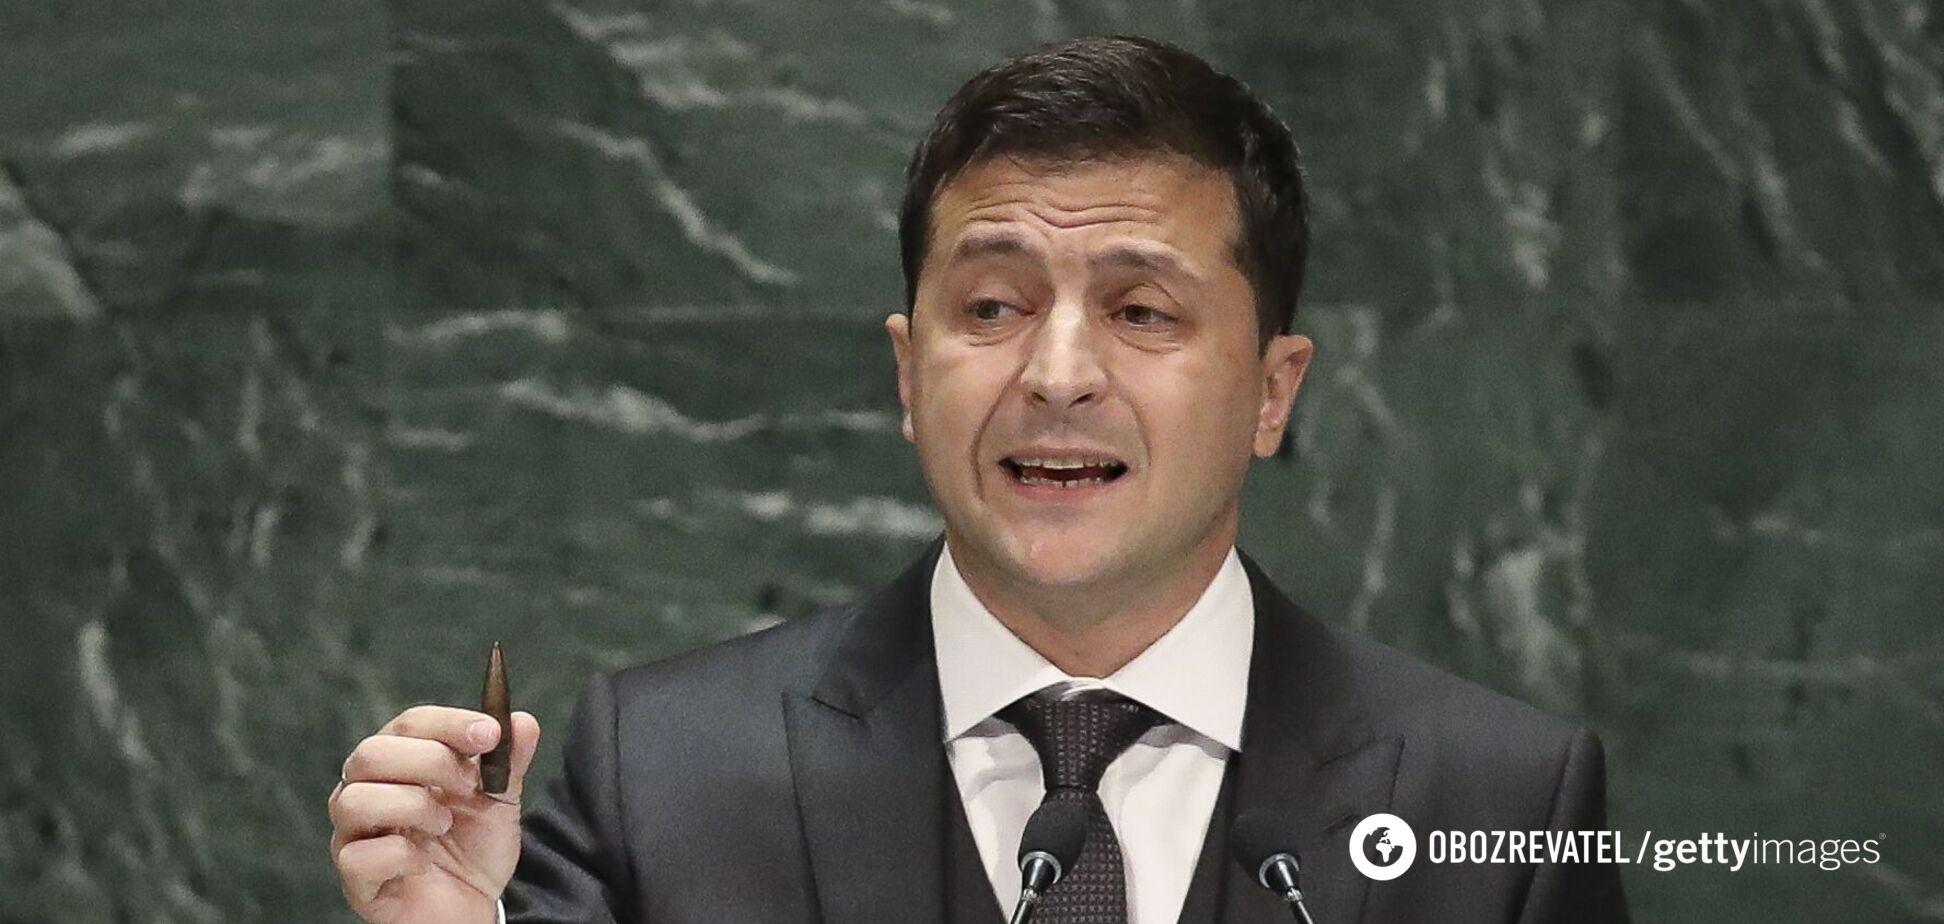 Президент Володимир Зеленський ввів санкції проти каналів Віктора Медведчука